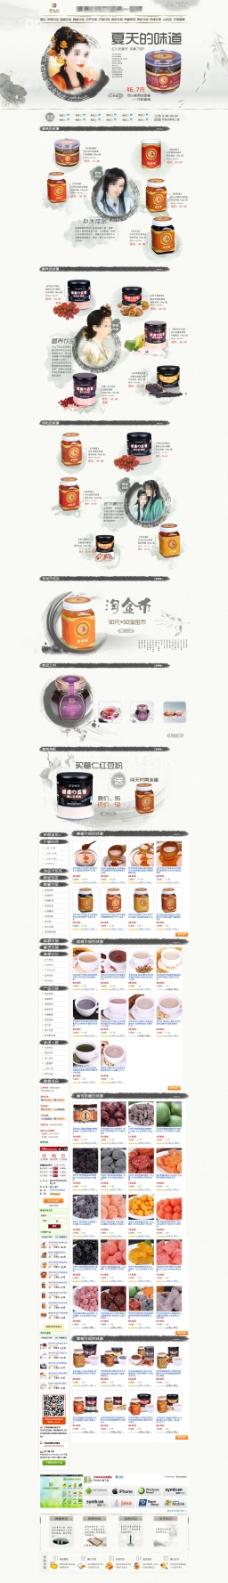 夏季茶饮产品活动海报